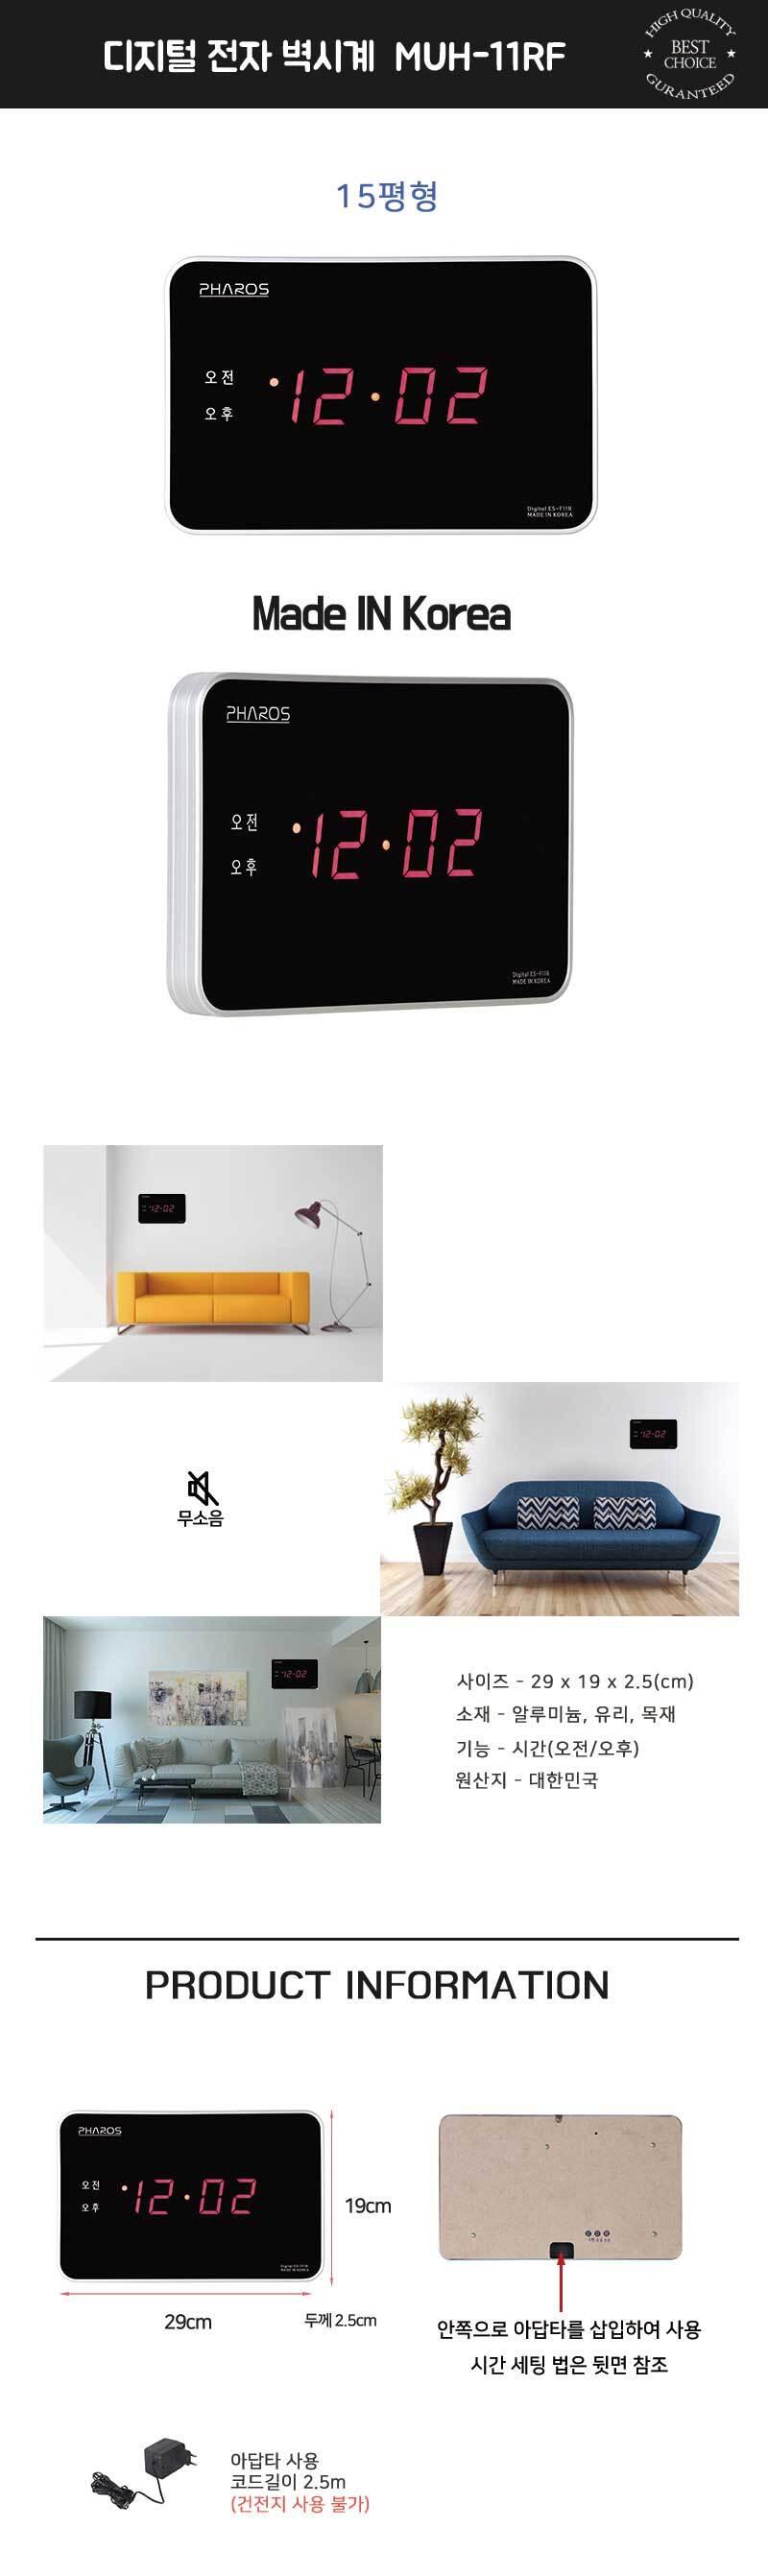 공간 인테리어 디지털 전자벽시계 MUH-11RF CH1560621 - 익스트리모, 55,000원, 벽시계, 디자인벽시계